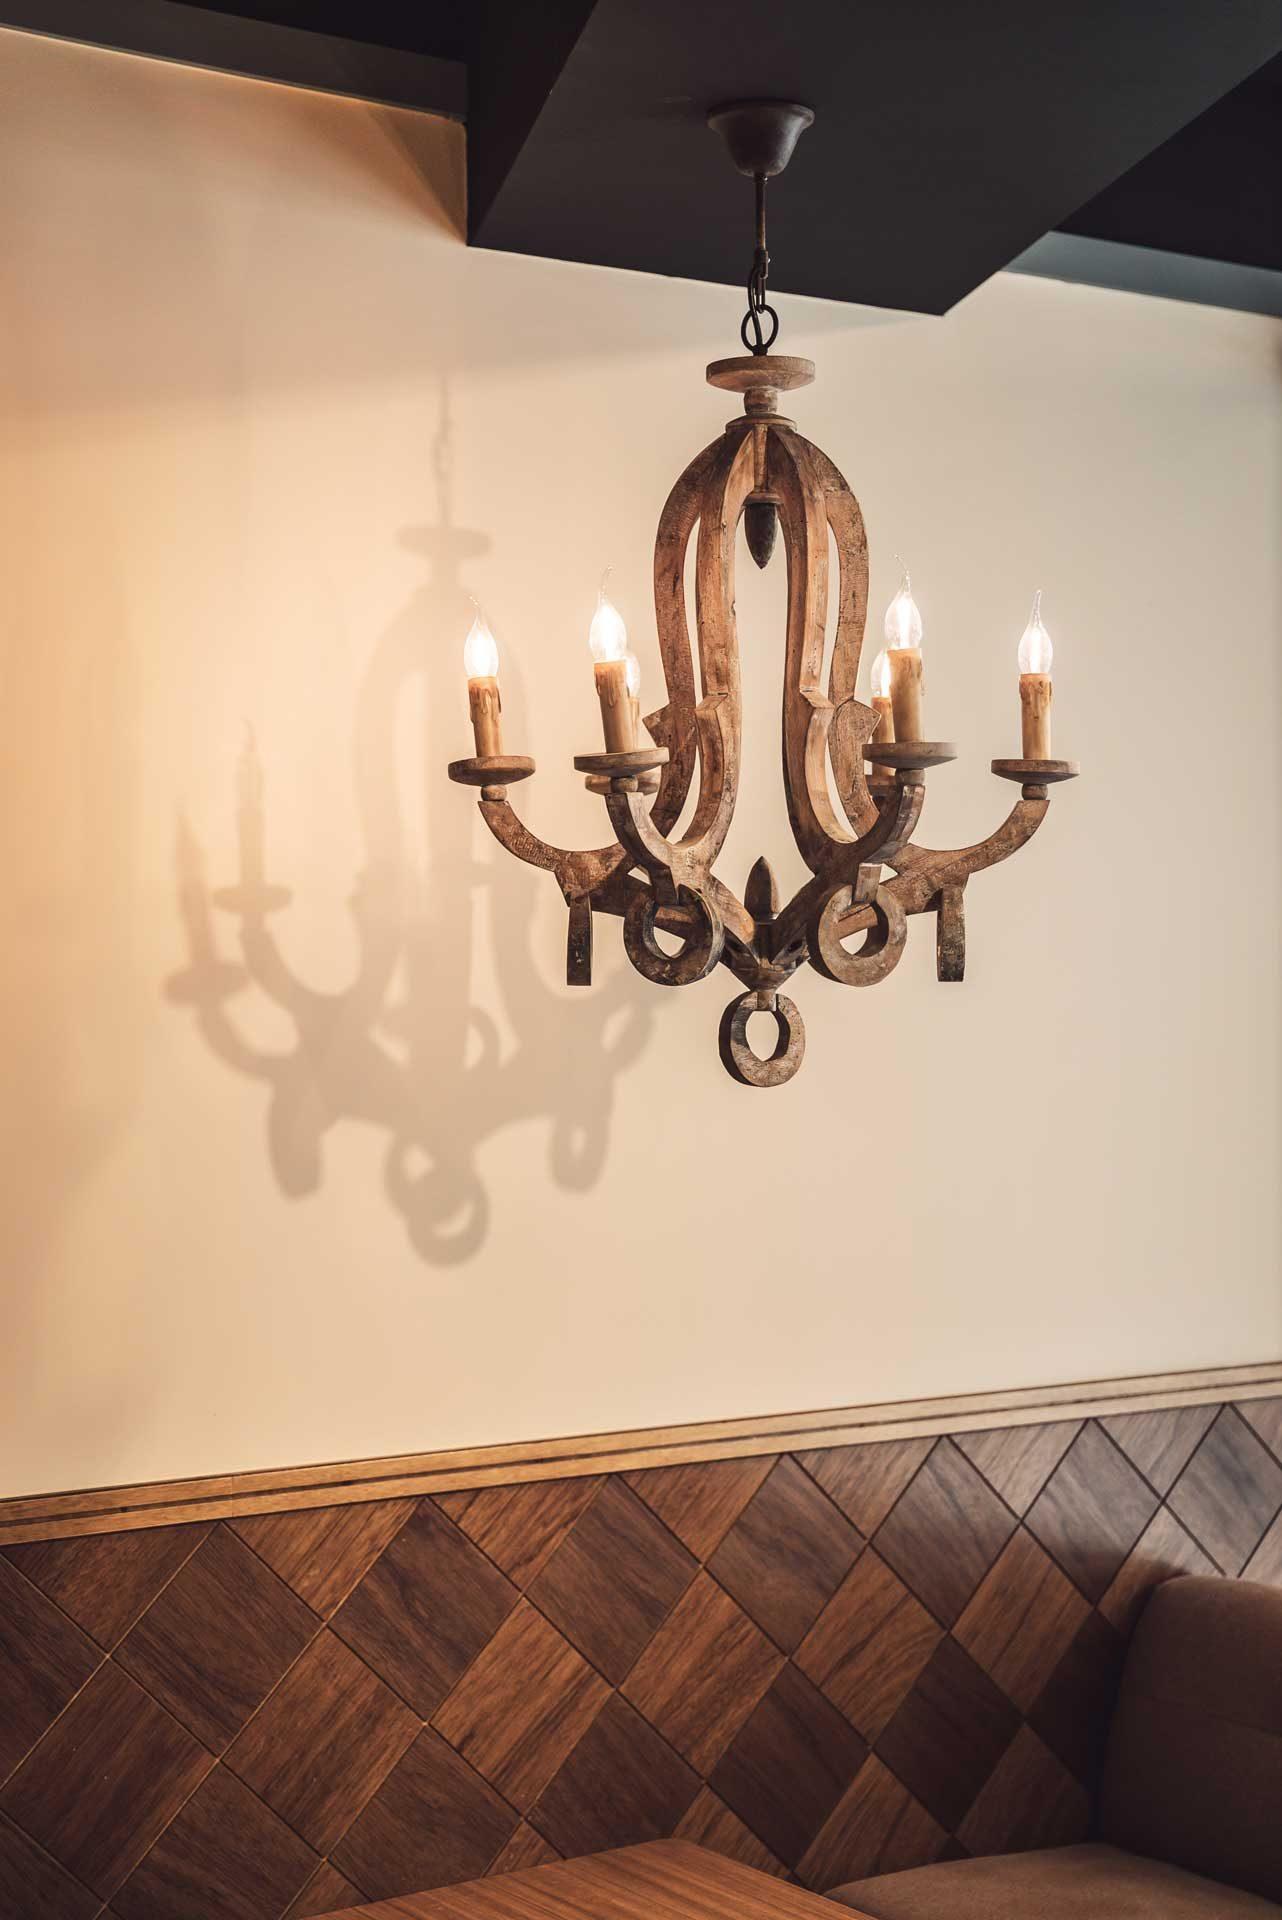 中世紀歐洲朽木藝術吊燈